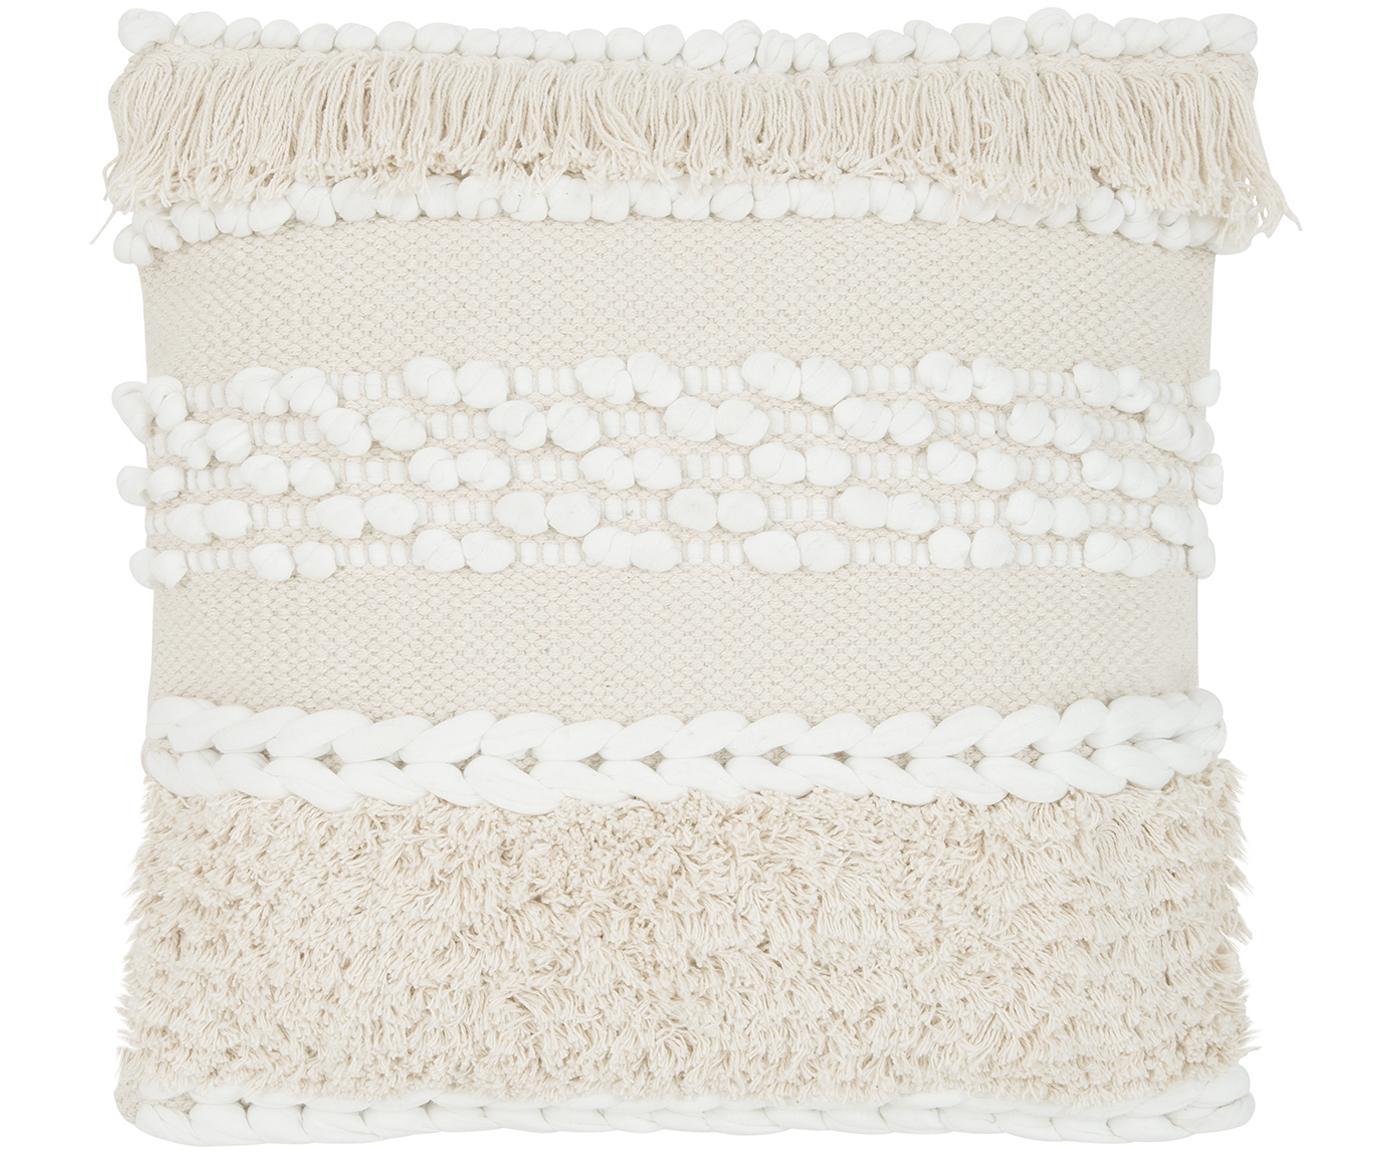 Federa arredo in ecru Anoki, 80% cotone, 20% poliestere, Ecru, bianco, Larg. 45 x Lung. 45 cm